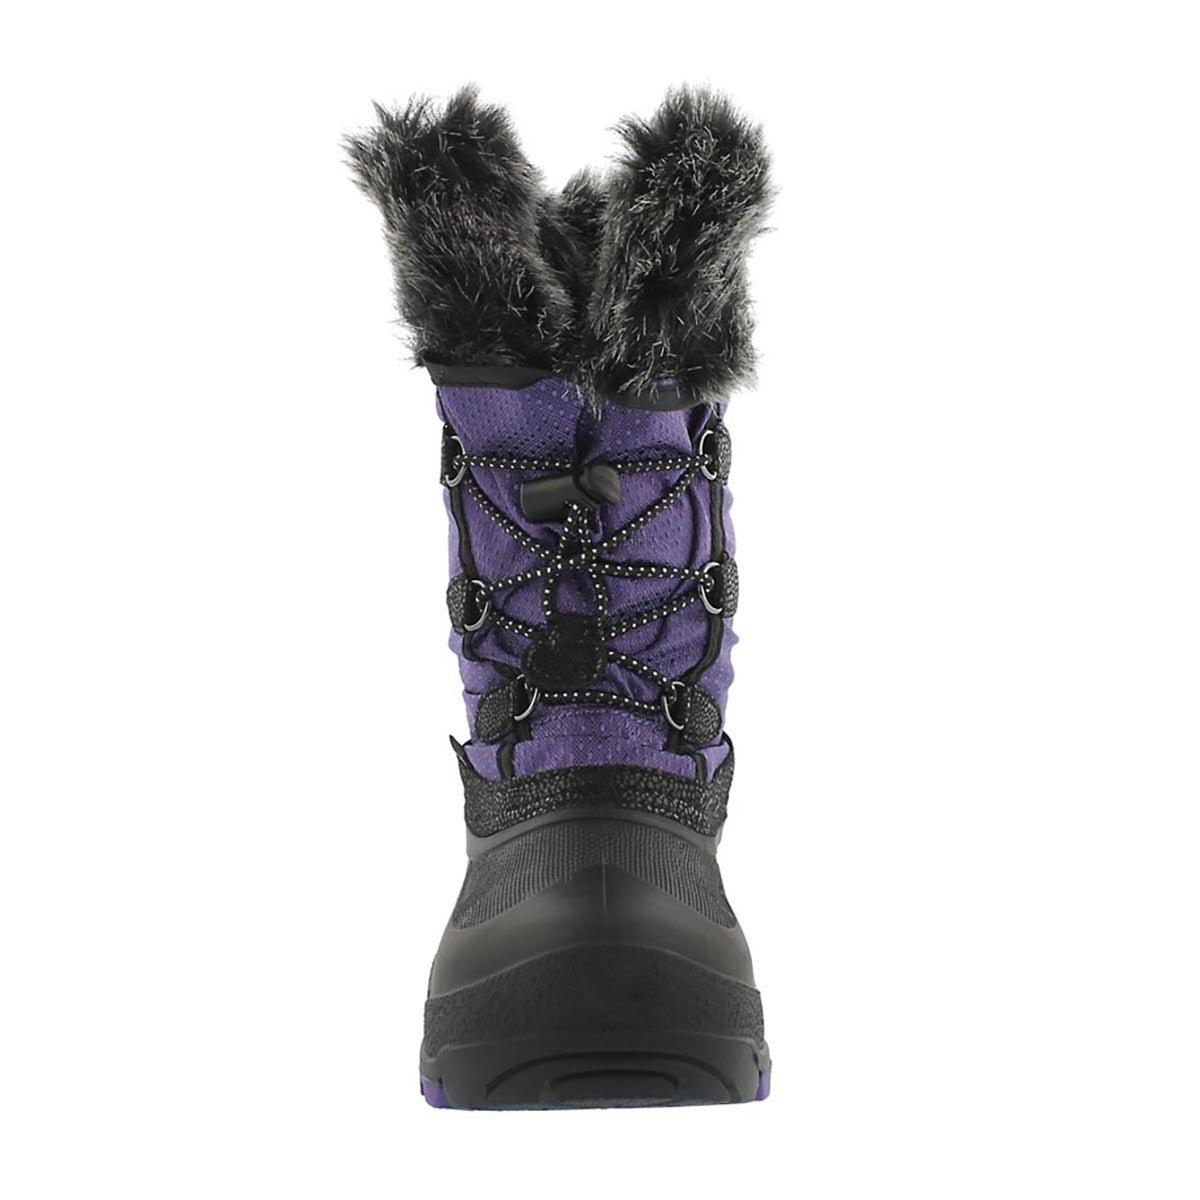 Grls Powdery purple wtpf winter boot